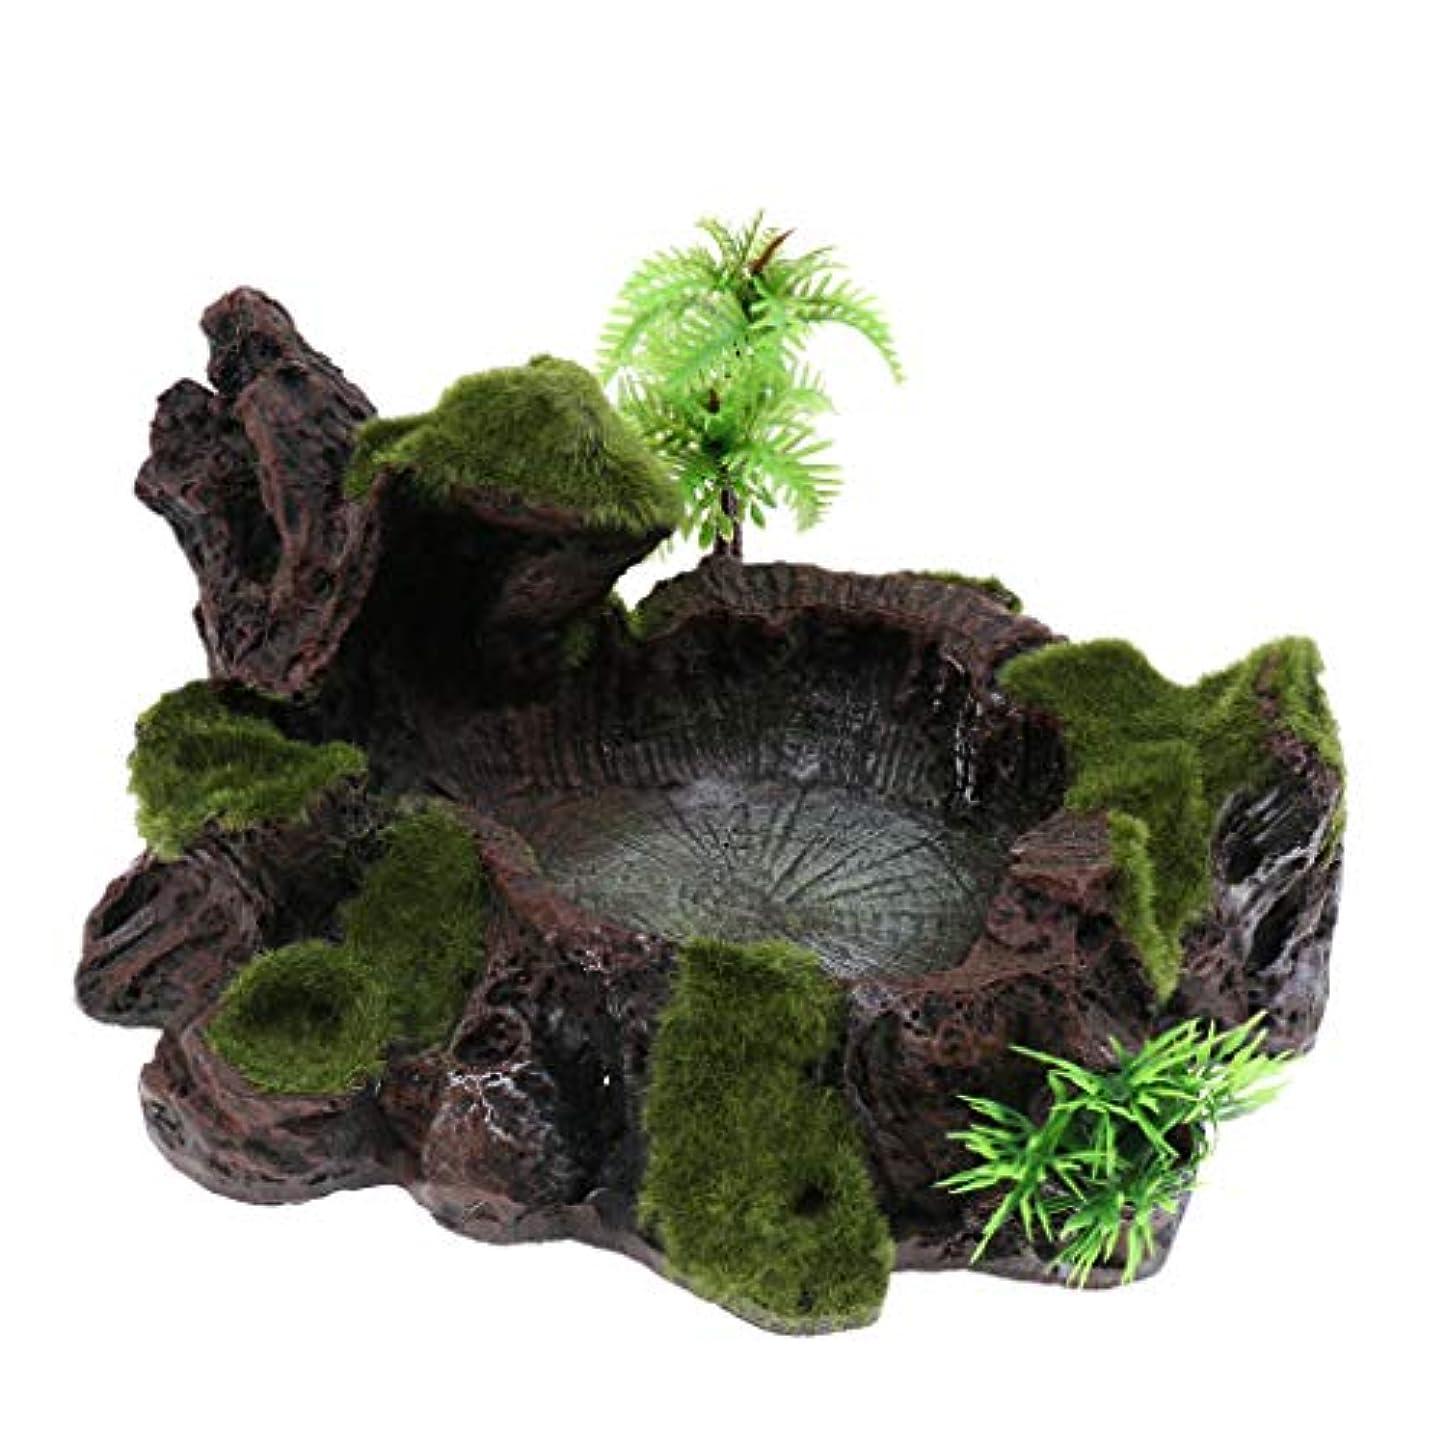 文庫本りんご北へGeneric 植物苔テラリウム爬虫類タンク用装飾用樹脂ロークボウル食用水ディッシュフィーダープレート